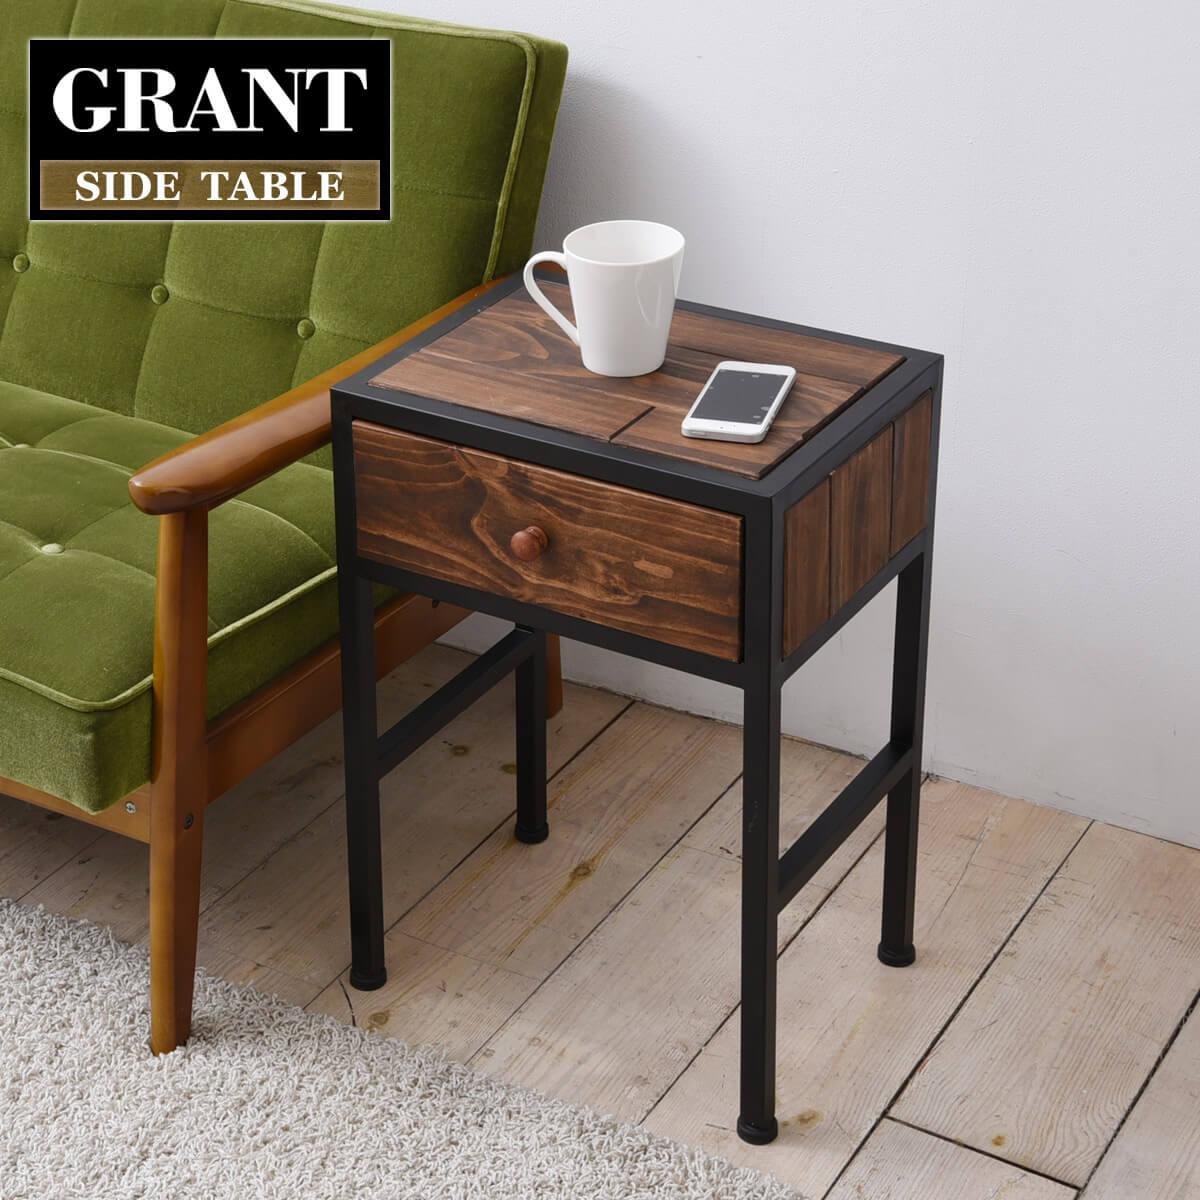 【送料無料】天然木 サイドテーブル テーブル ナイトテーブル ベッドテーブル ソファーテーブル カフェテーブル おしゃれ ヴィンテージ モダン スタイリッシュ カフェ 西海岸 インダストリアル 男前インテリア GRANTシリーズ GRST-375